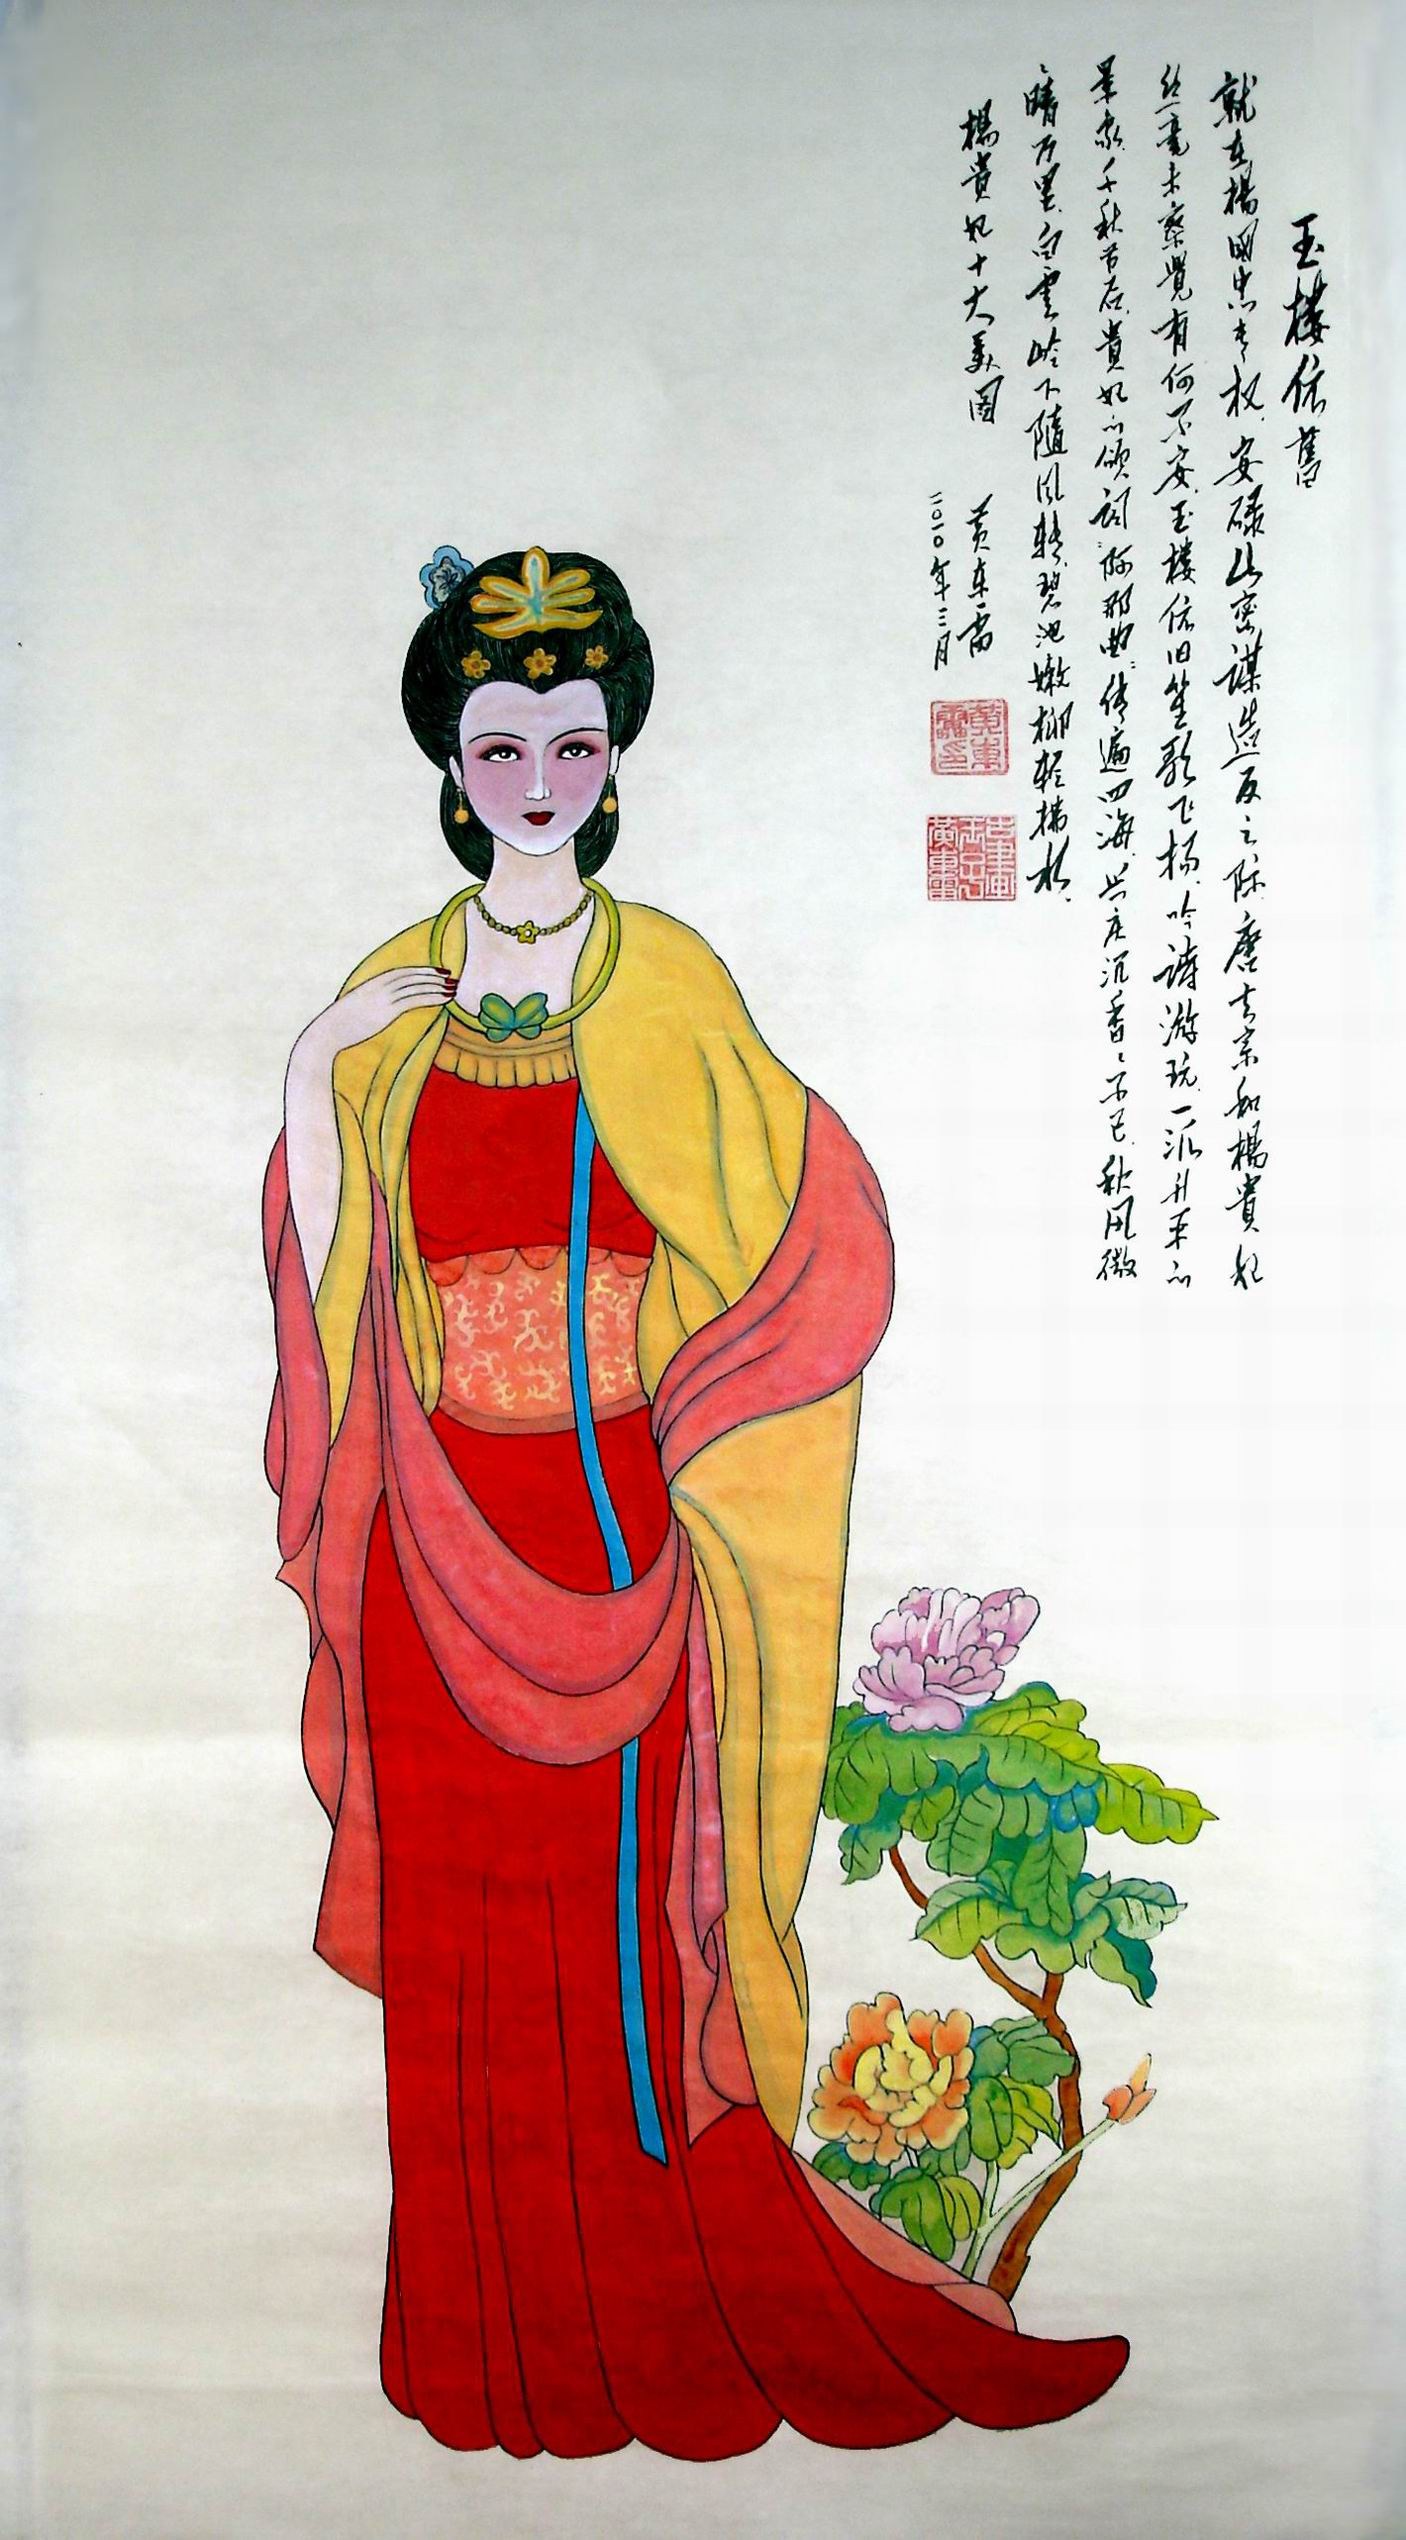 黄东雷经典工笔画 杨贵妃 -工笔画